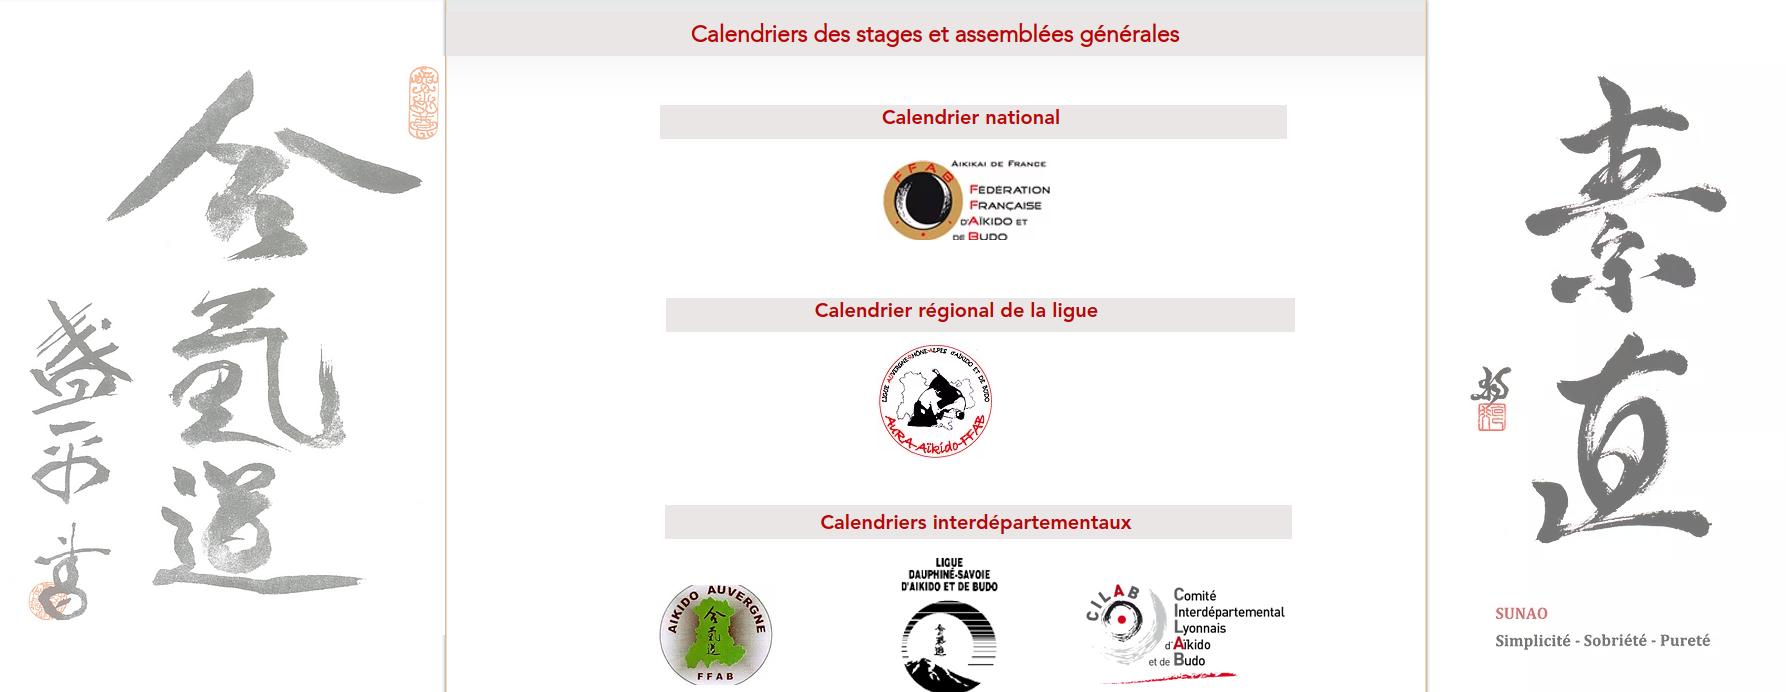 Calendrier de stages 2021-2022